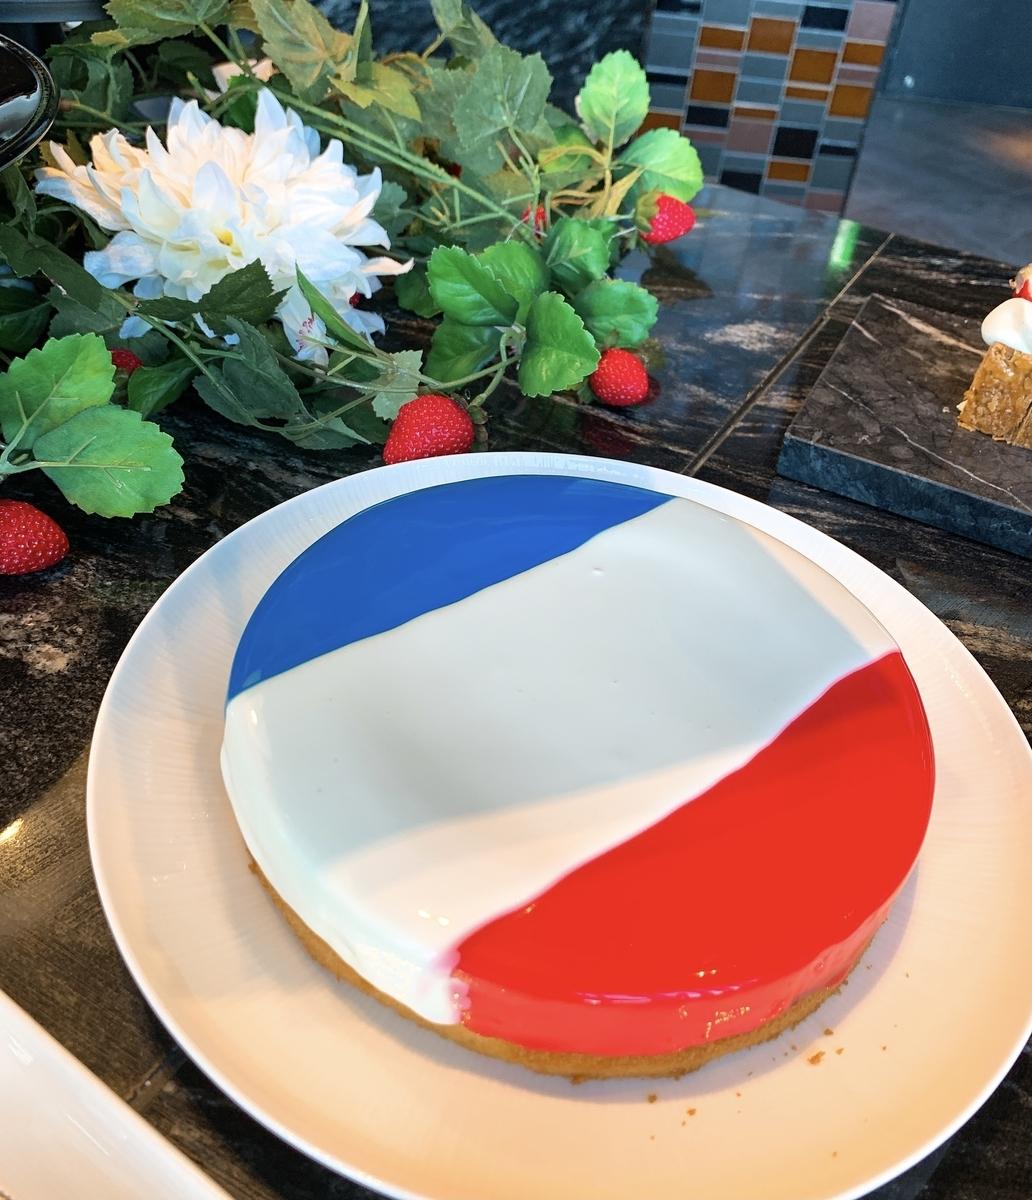 フランス国旗のケーキ